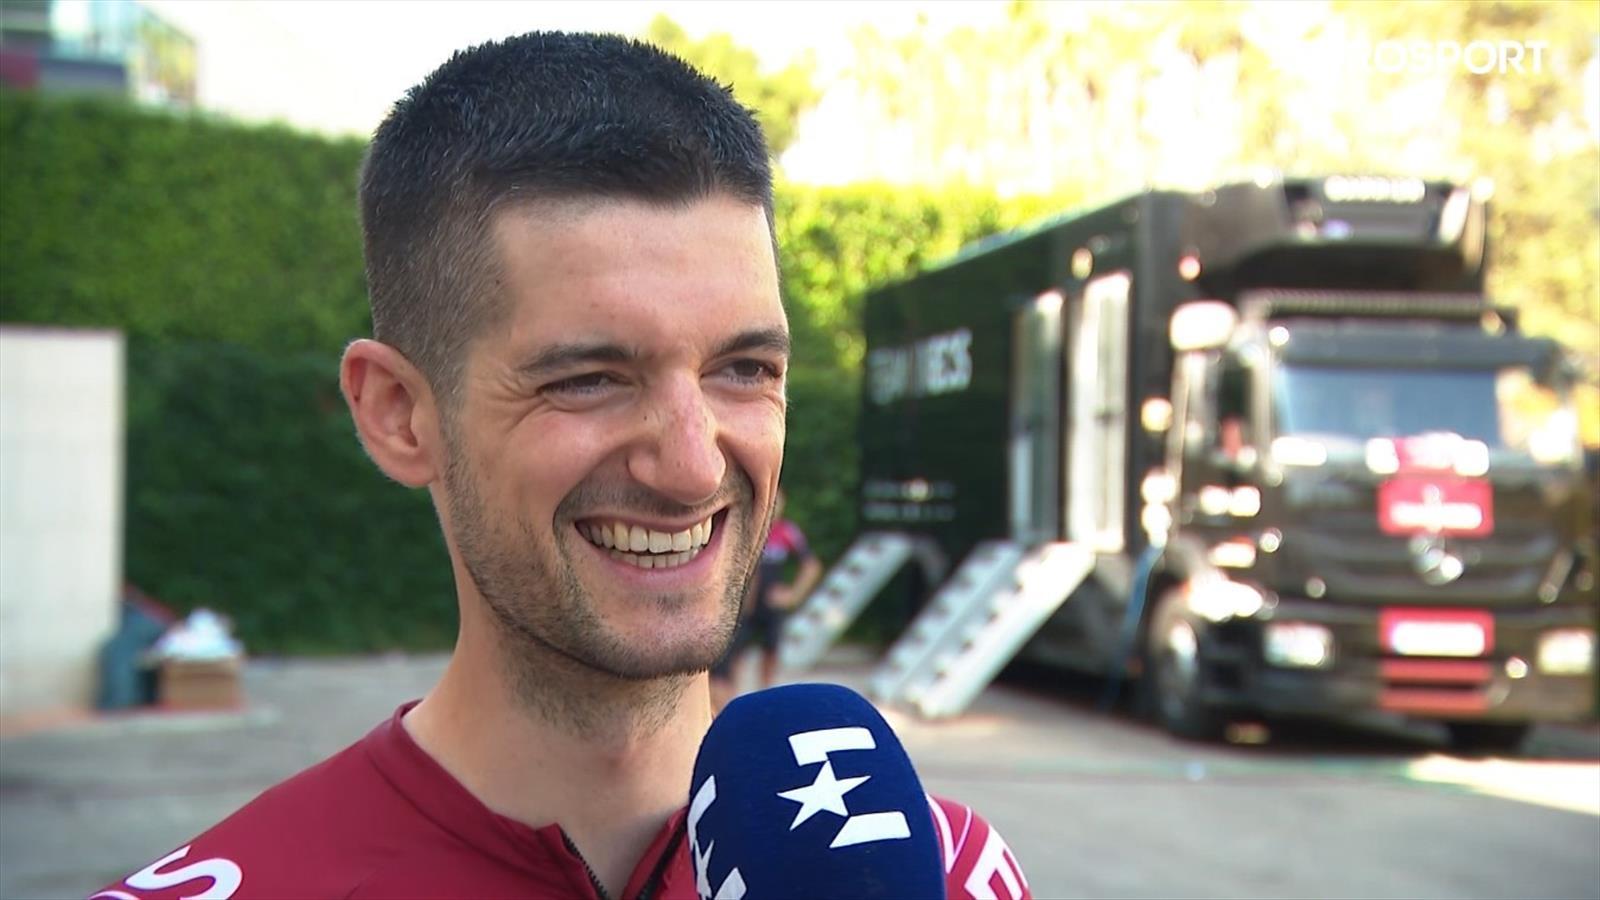 Wout Poels verrassende kopman voor INEOS in Ronde van Spanje